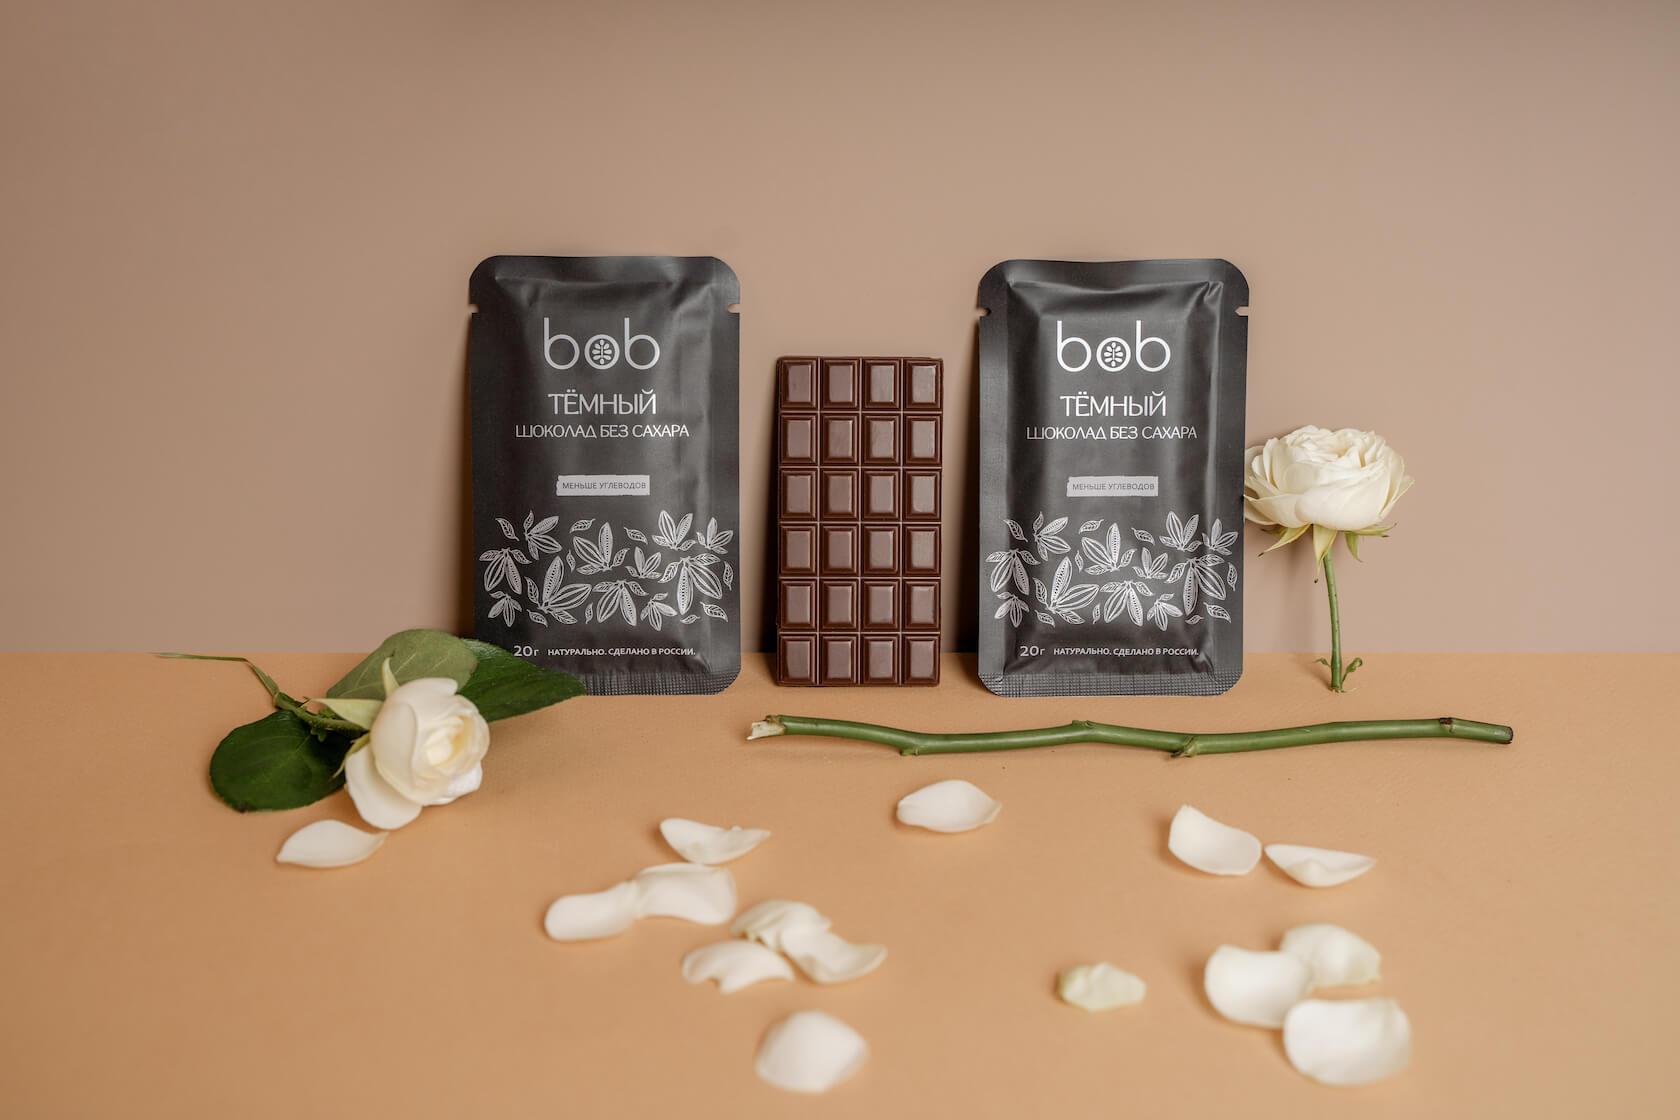 полезный шоколад bob